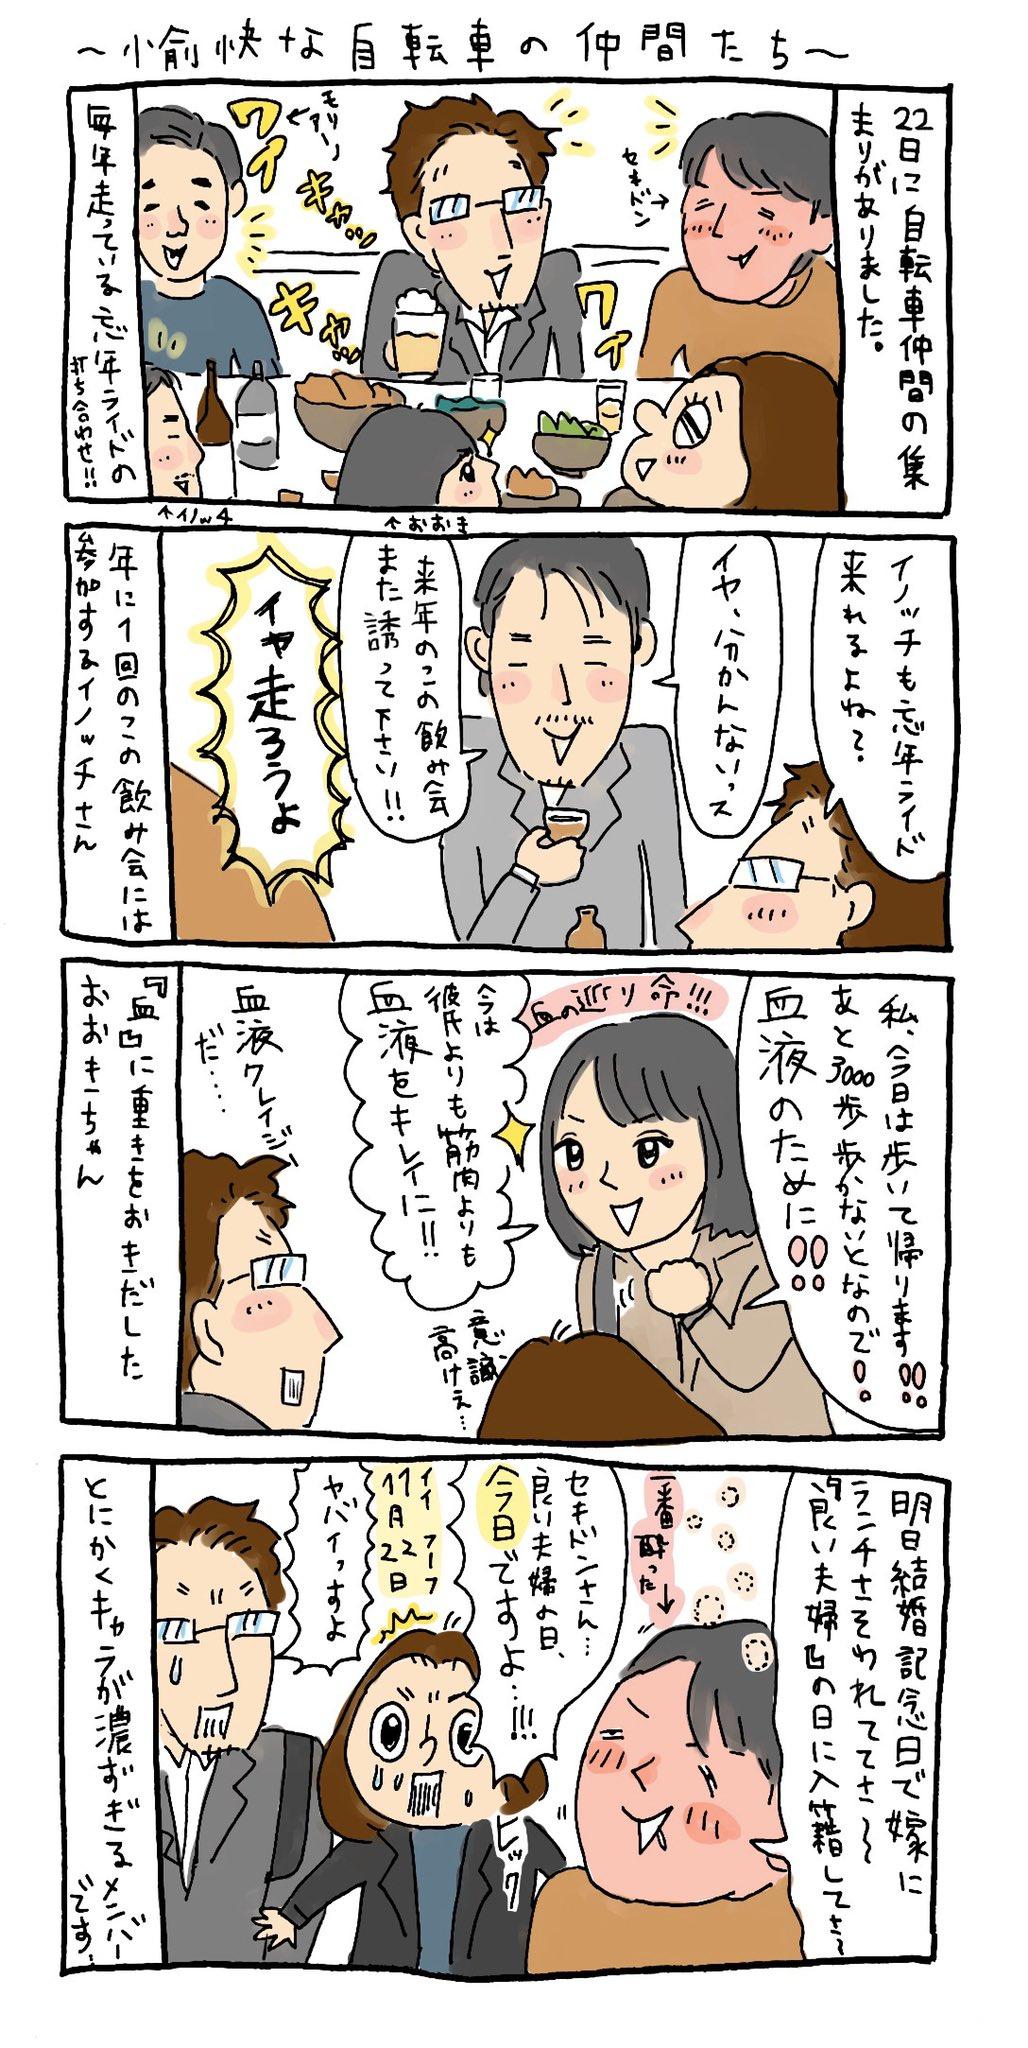 無料四コマ漫画:自転車の飲み会はカオス